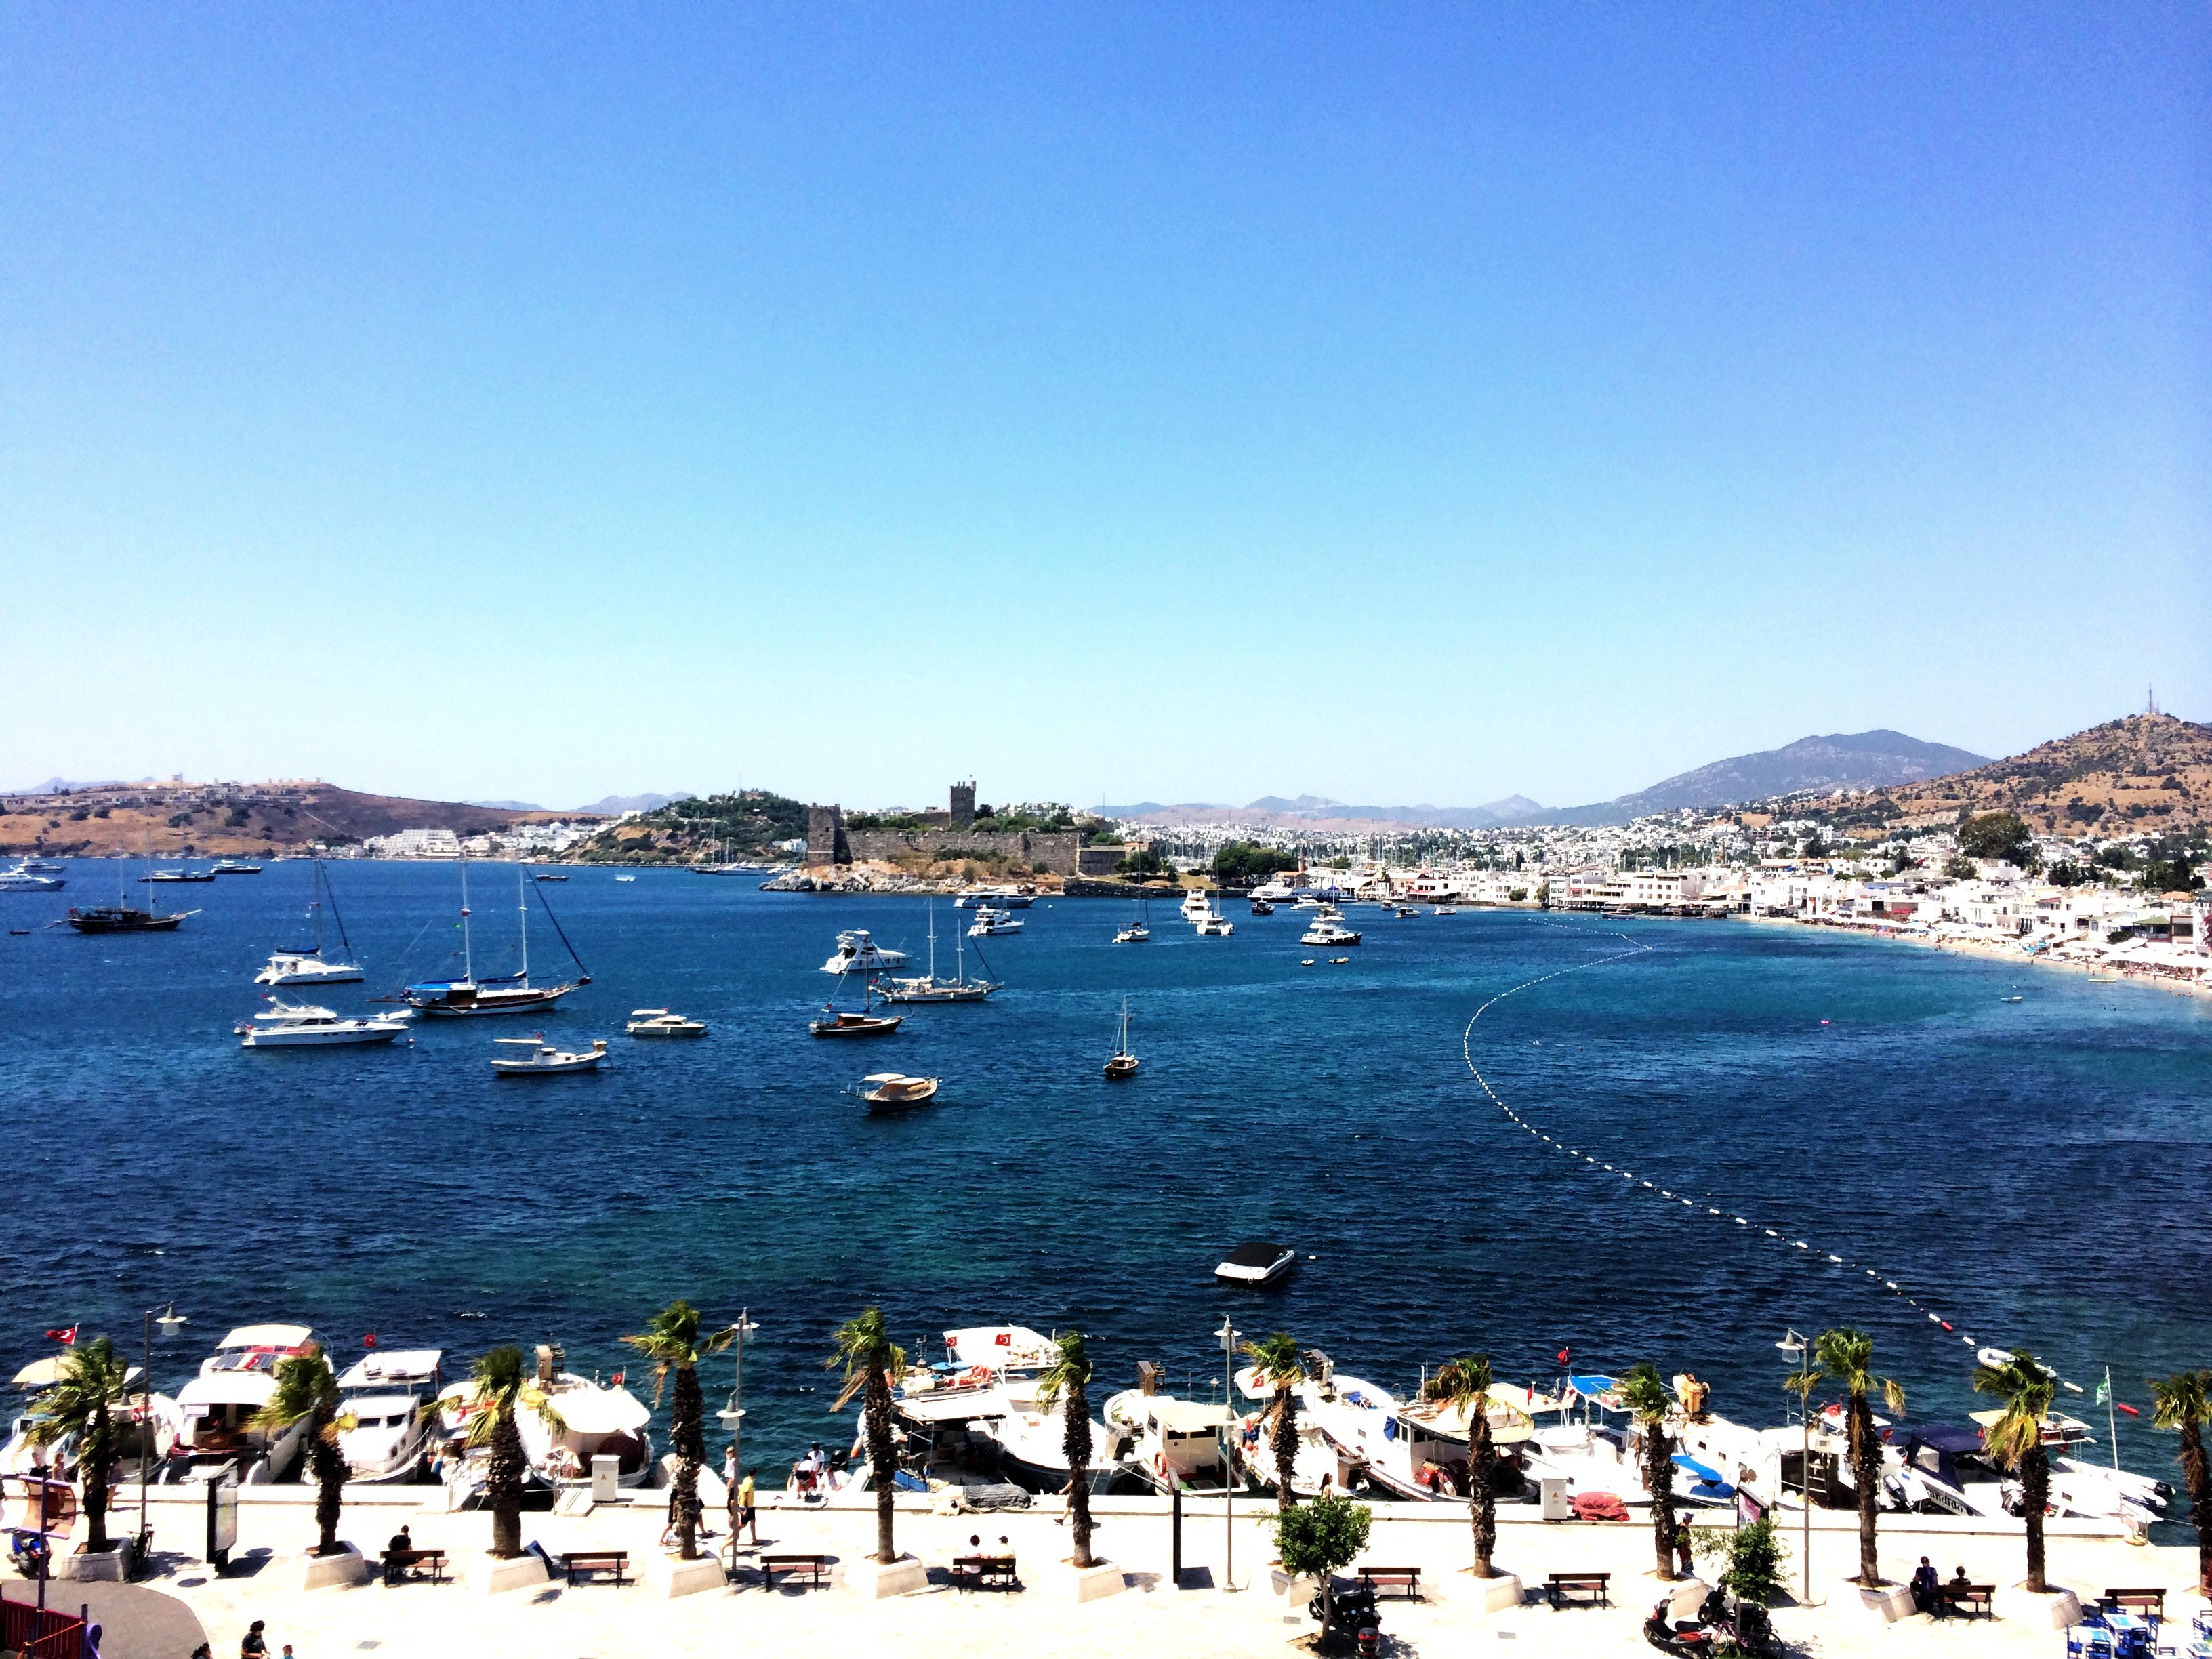 爱琴海……哎情海……爱情海